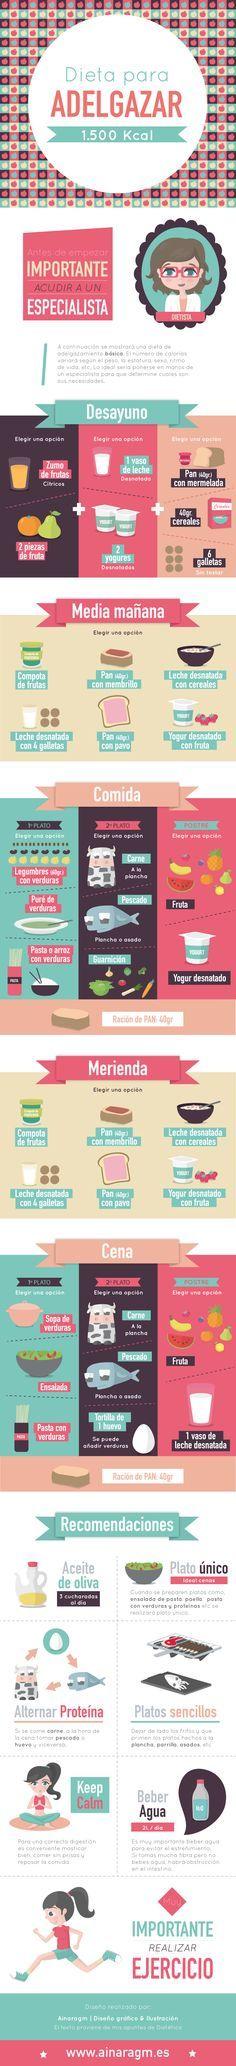 Infografía sobre una dieta de adelgazamiento #dietetica #alimentacion #salud…